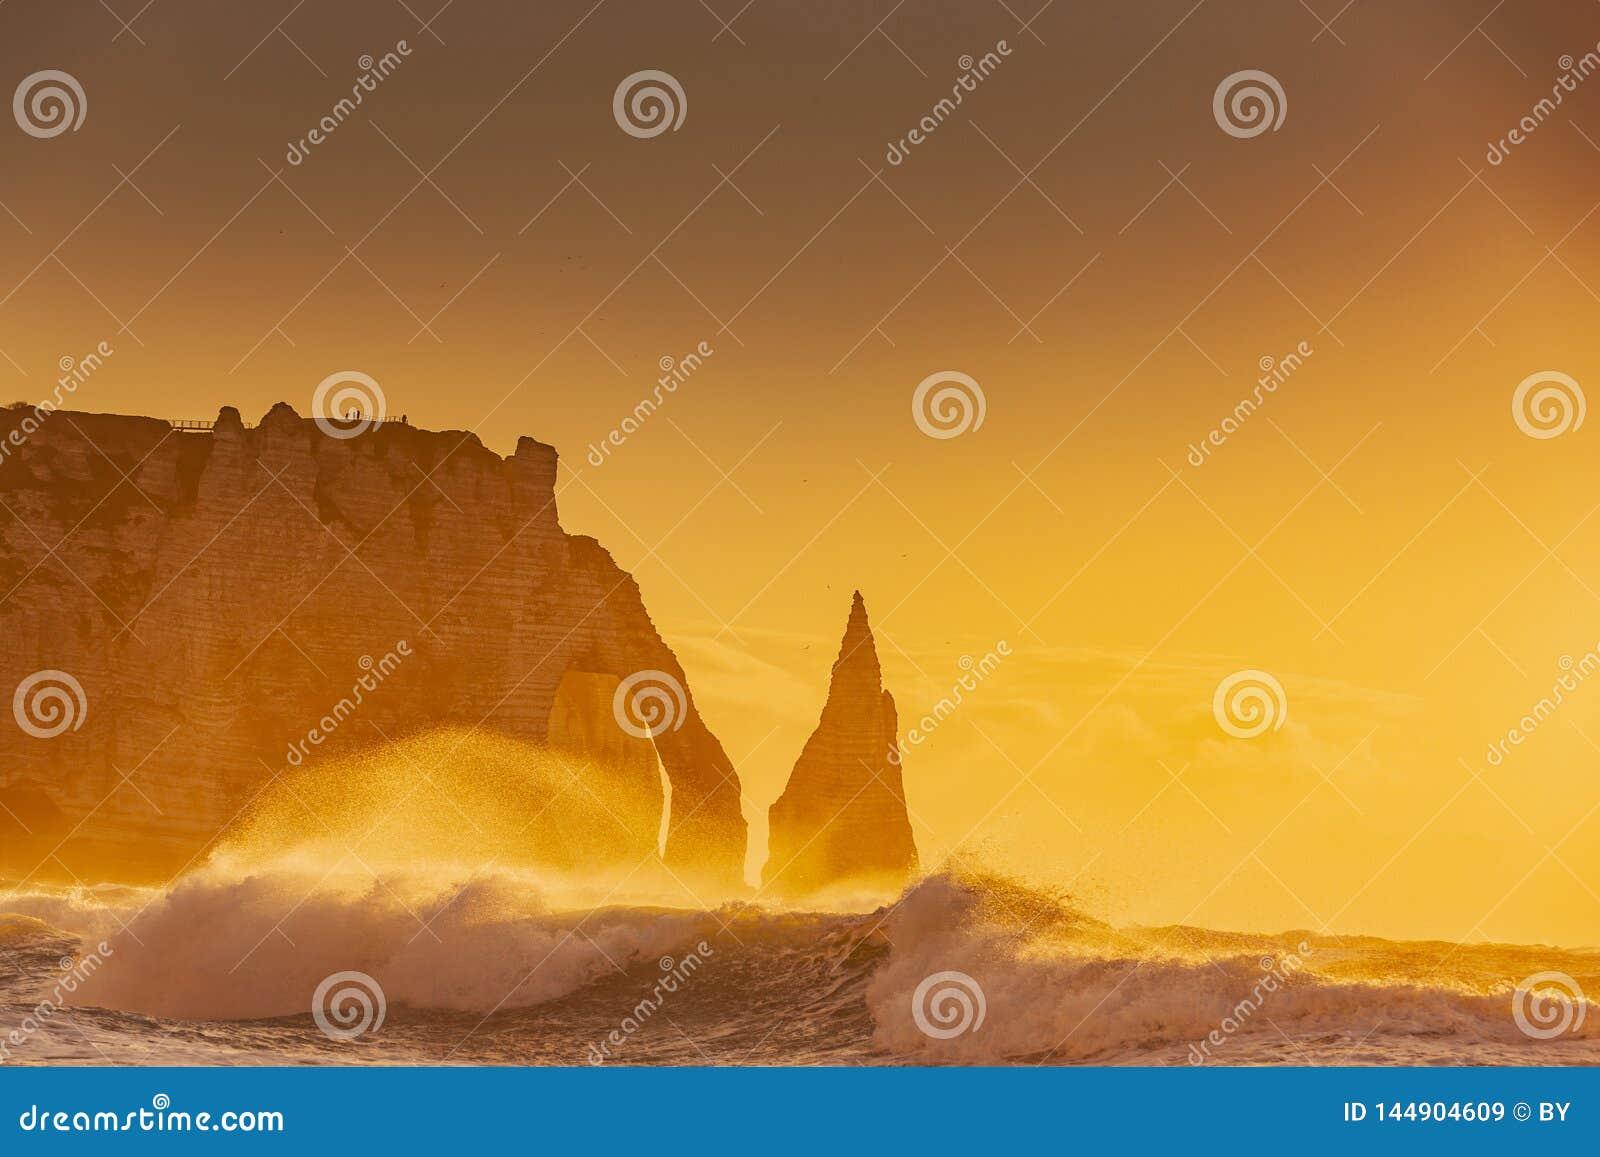 Απότομοι βράχοι του etretat στο ηλιοβασίλεμα